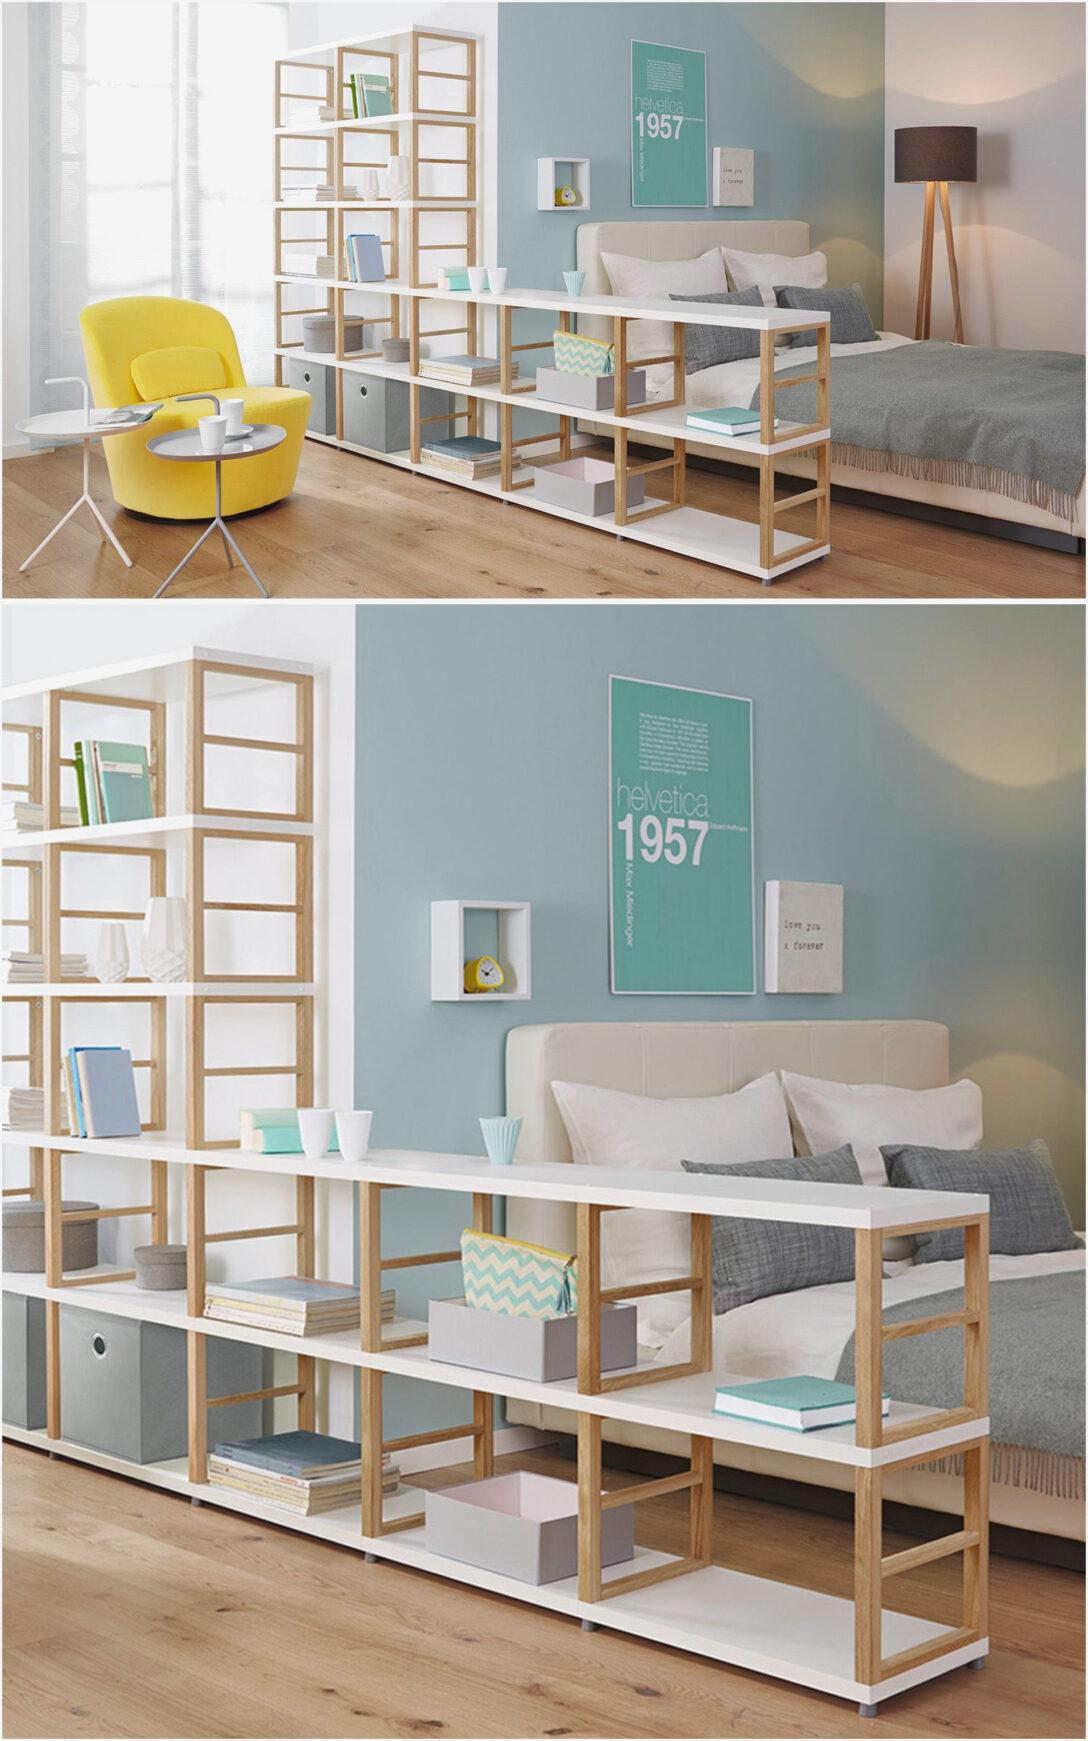 Large Size of Kinderzimmer Ideen Mit Raumaufteiler Traumhaus Sofa Regale Regal Weiß Raumteiler Kinderzimmer Raumteiler Kinderzimmer